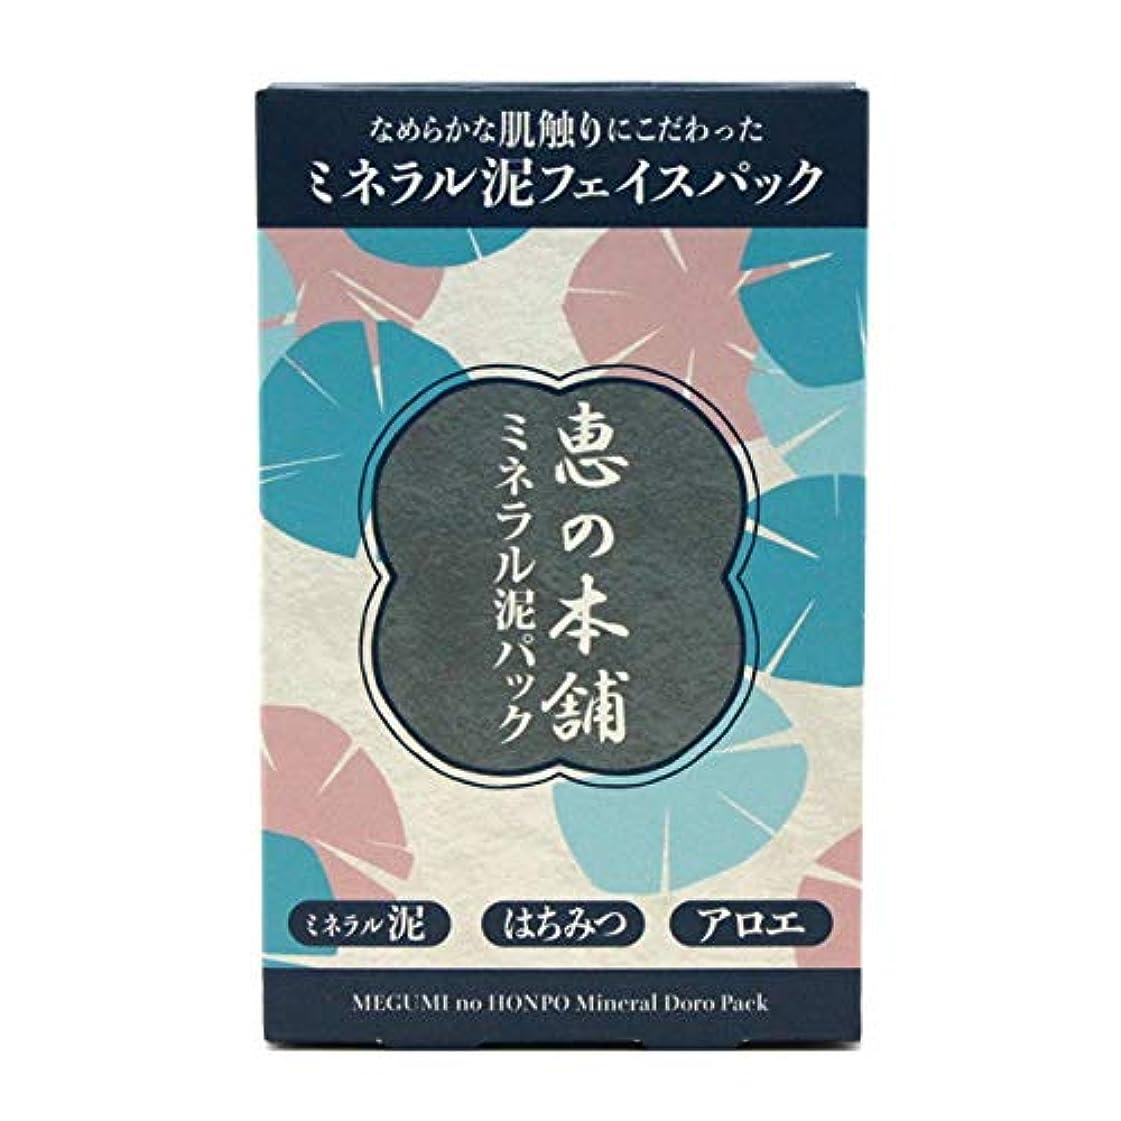 皿ワイドかる恵の本舗 ミネラル泥パック 100g